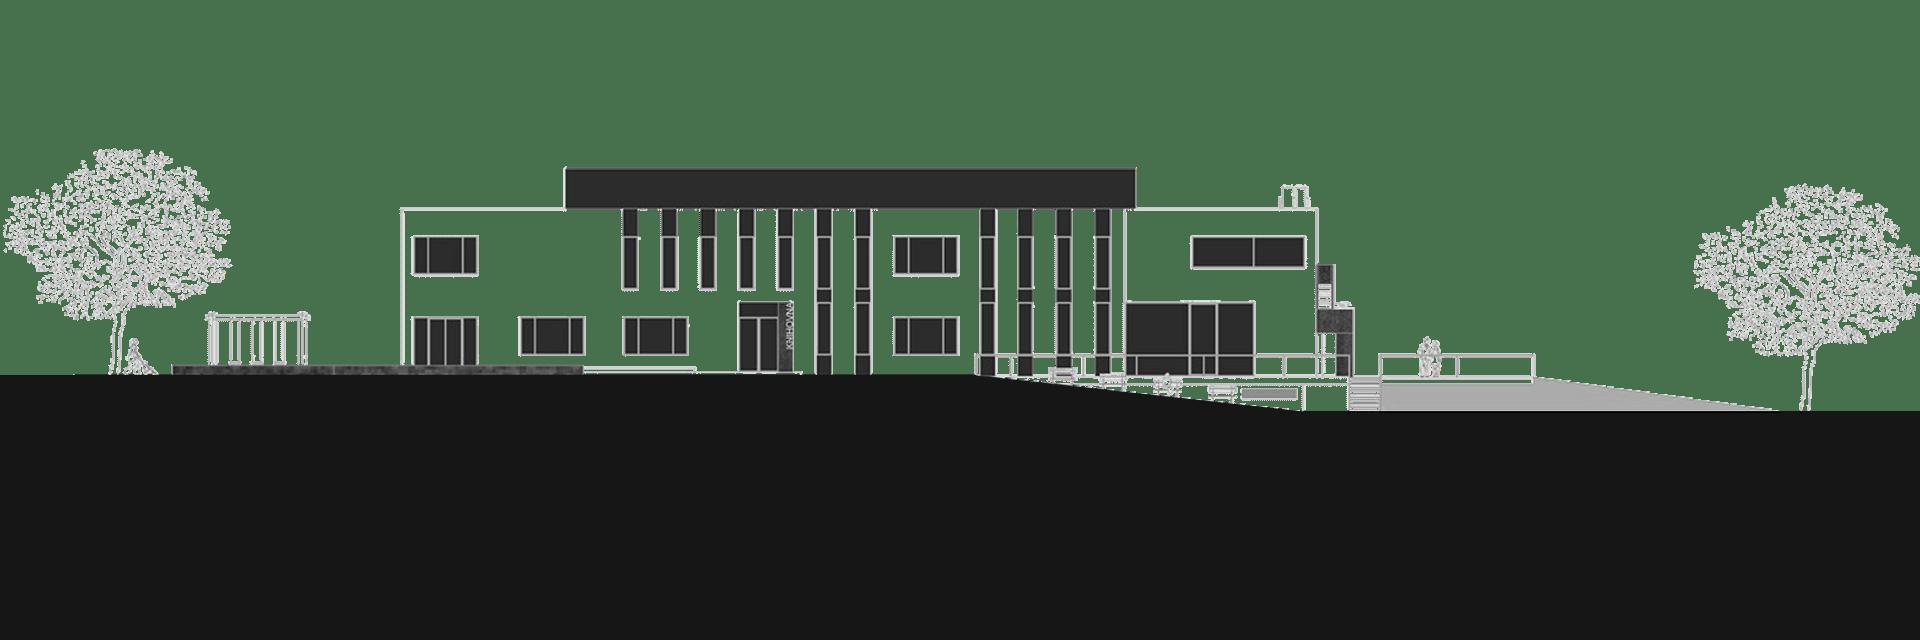 Vodnany-view-03-1